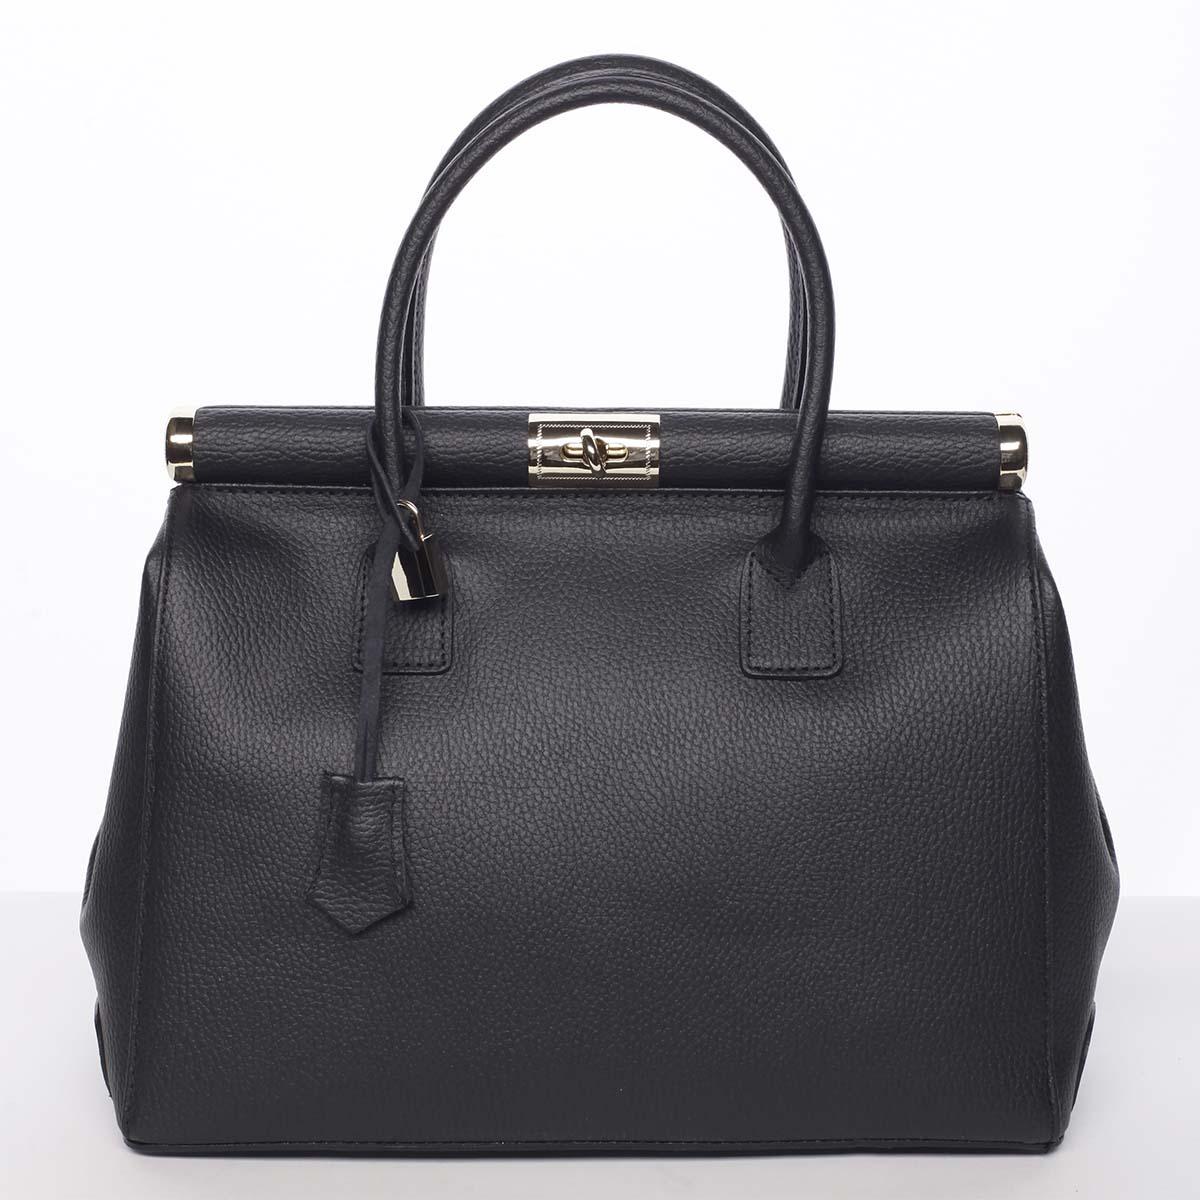 Módní originální dámská kožená kabelka do ruky černá - ItalY Hila